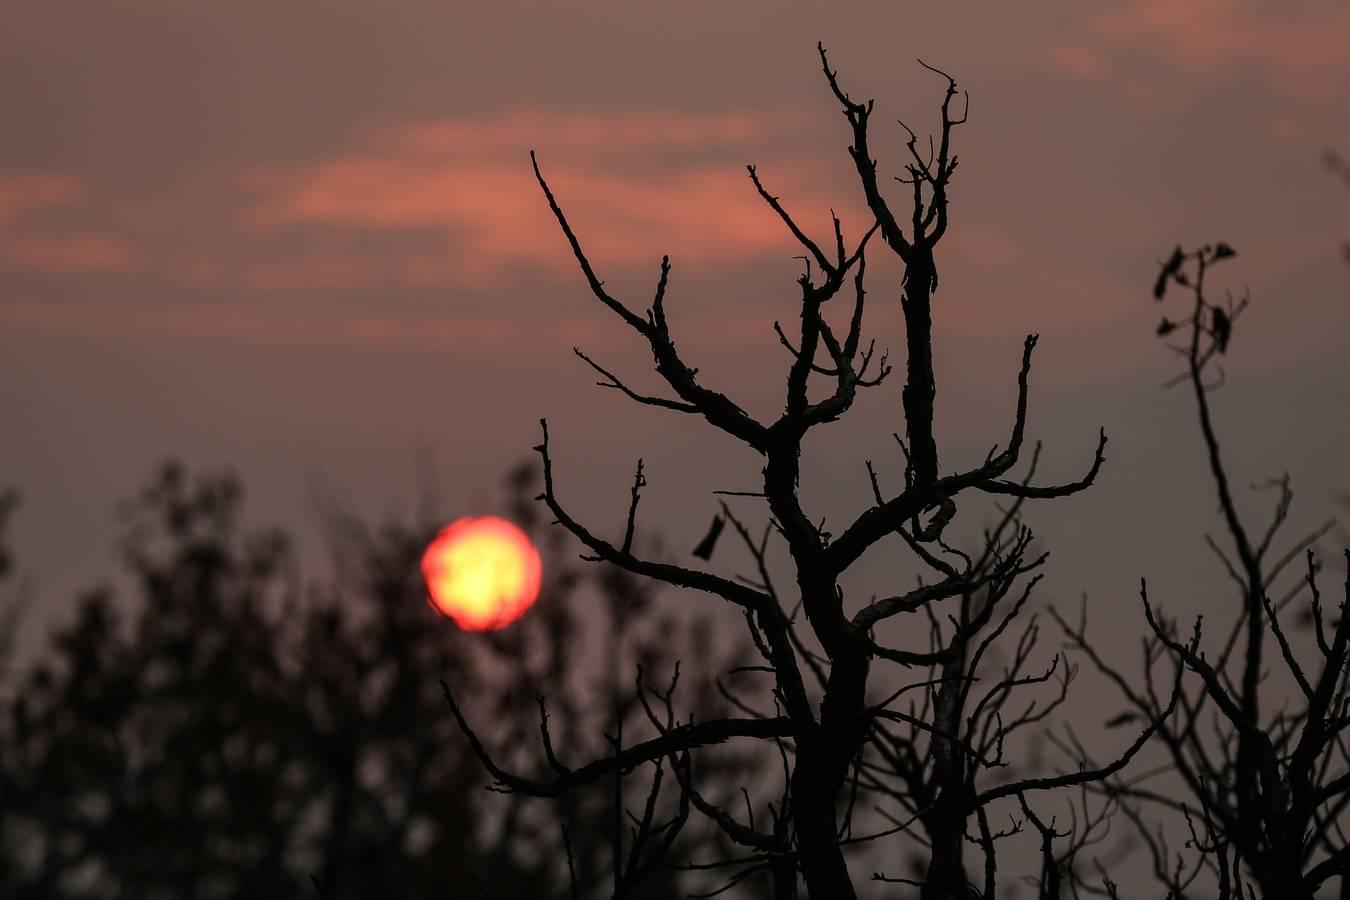 Brände im Amazonas: Der Hashtag #prayforamazonia geht auf Twitter und Instagram viral. (© Michael Dantas / WWF Brasilien)